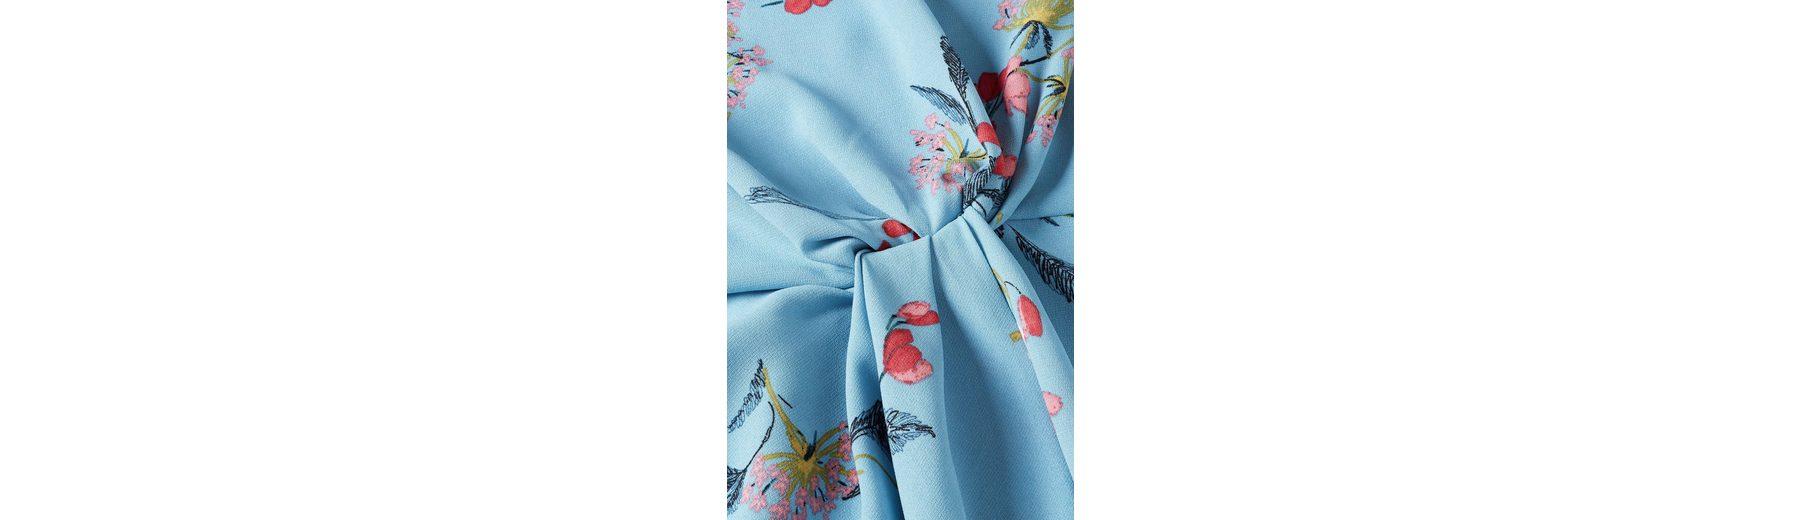 Großhandelspreis Online Steckdose Niedrigsten Preis Next Kleid im Twist-Look Neue Und Mode Niedrig Versandkosten Günstig Online x0n4f